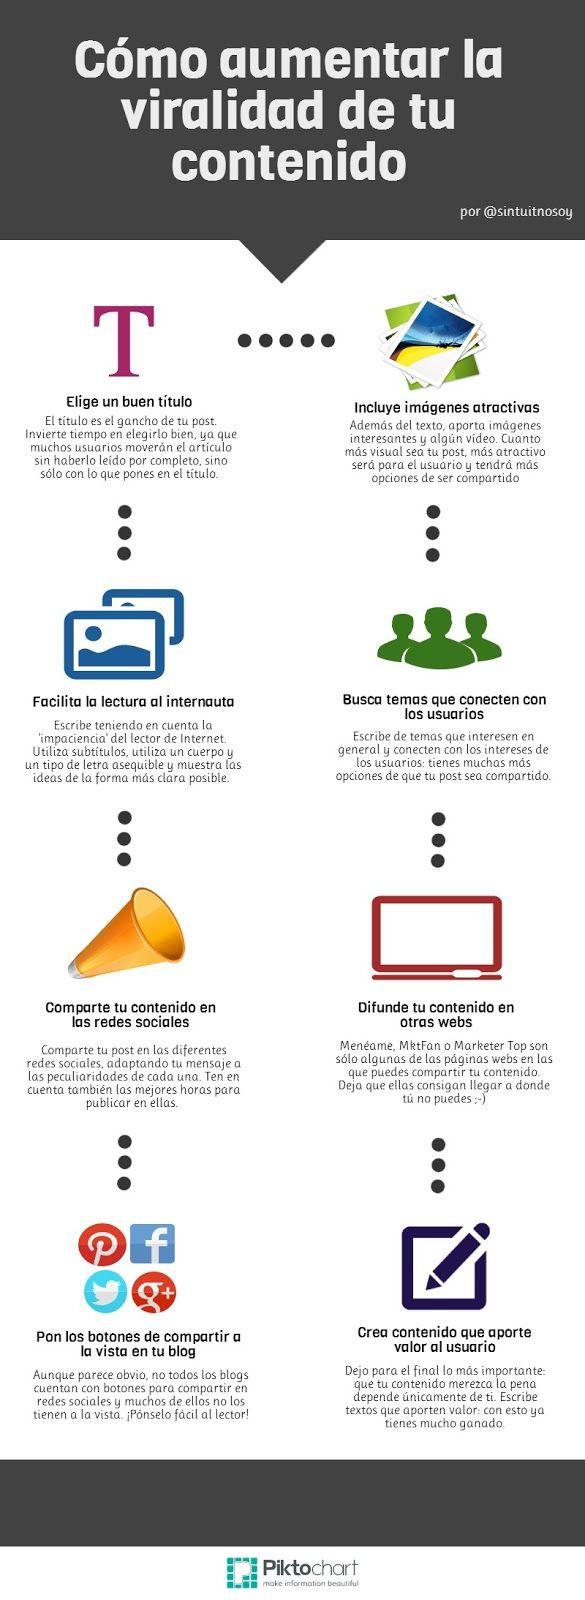 8 maneras de aumentar la viralidad de tu contenido Por: @sintuitnosoy #infografia #infographic #marketing